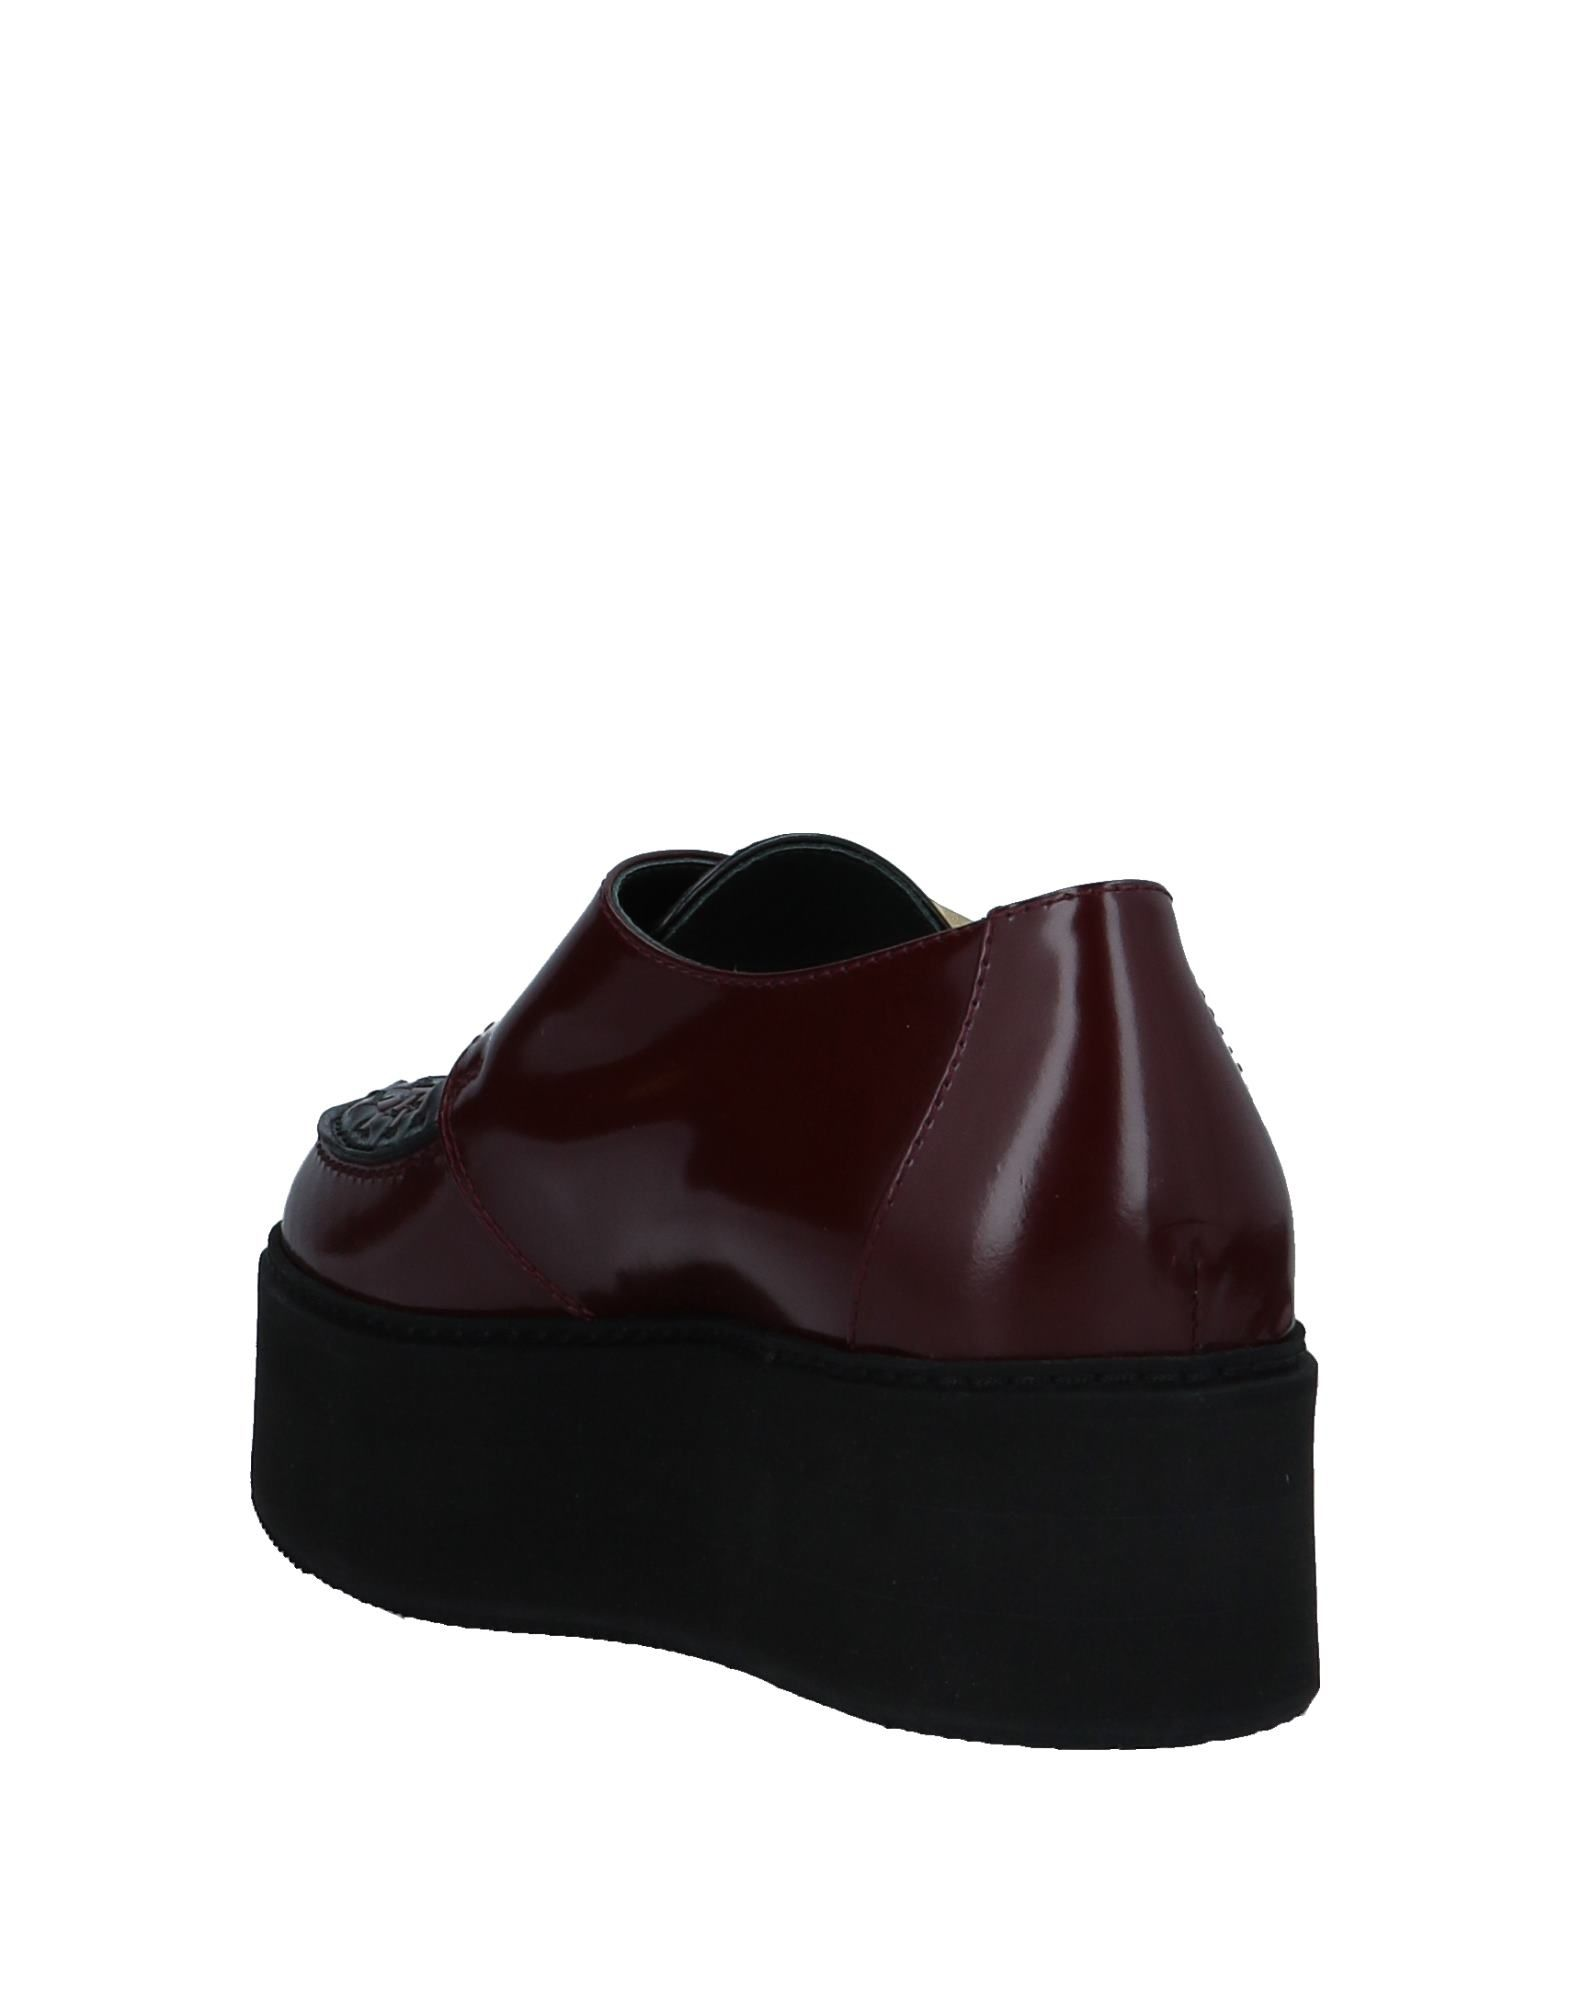 Scarpe economiche e resistenti Mocassino Mulberry Donna - 11539622EG